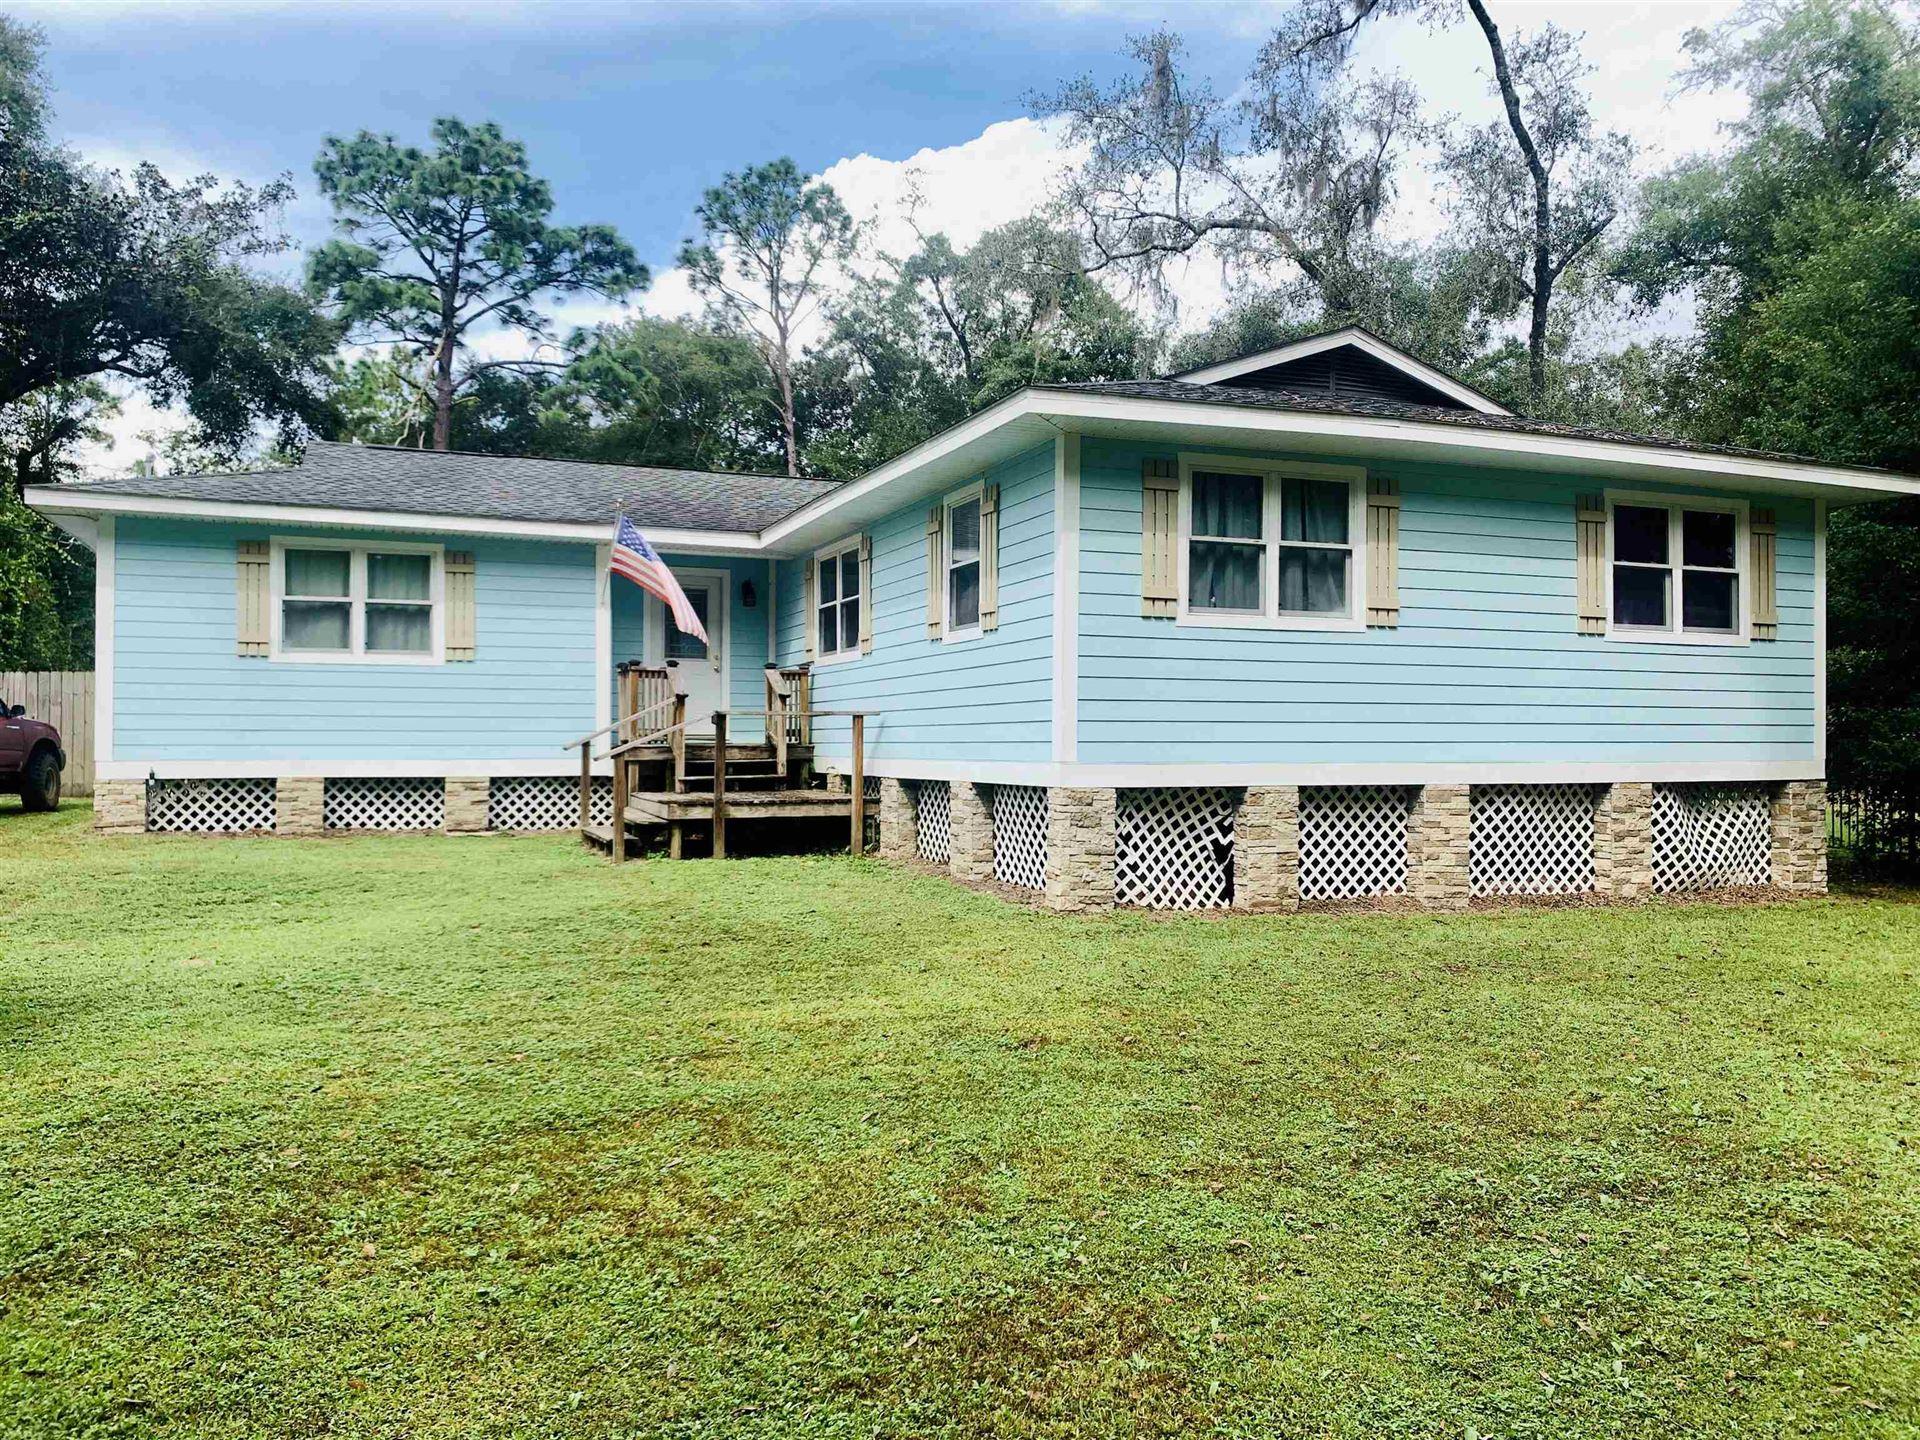 Photo of 16836 Aqua Lane, TALLAHASSEE, FL 32310 (MLS # 338037)